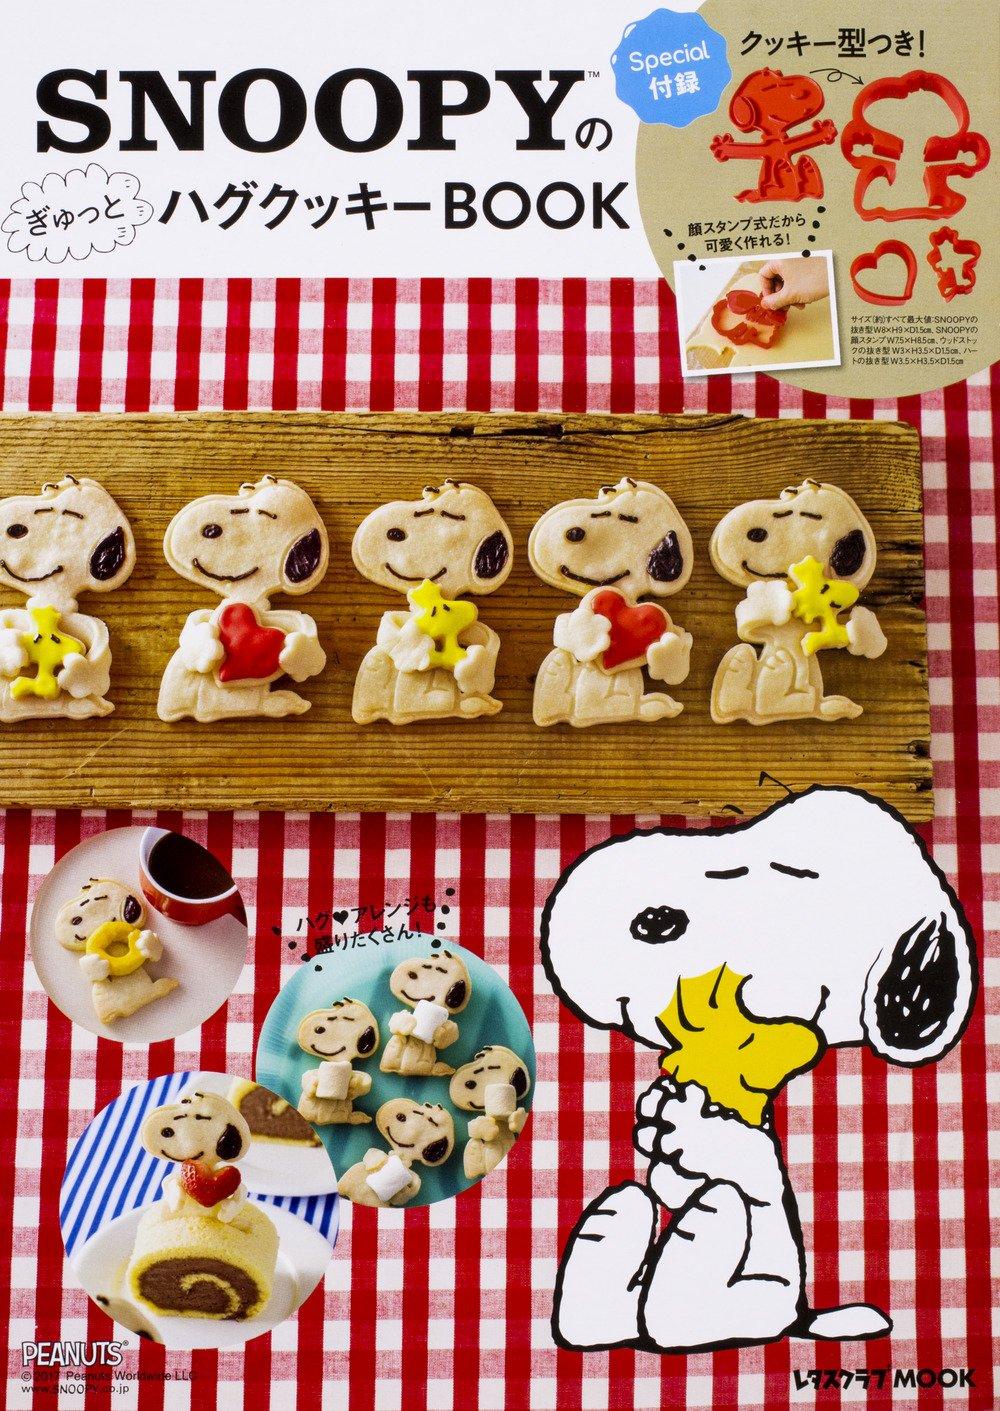 クッキー 型 スヌーピー Amazon|オーエスケー クッキー型セット